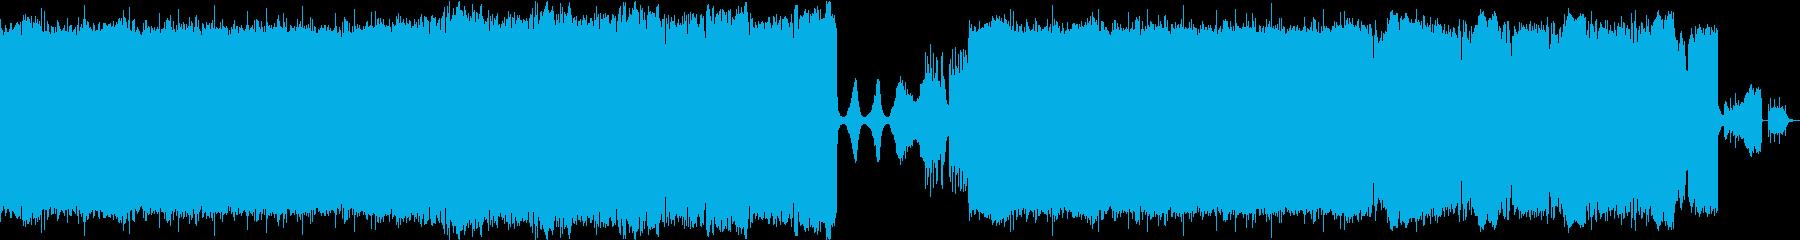 バランスのとれた平凡な曲の再生済みの波形